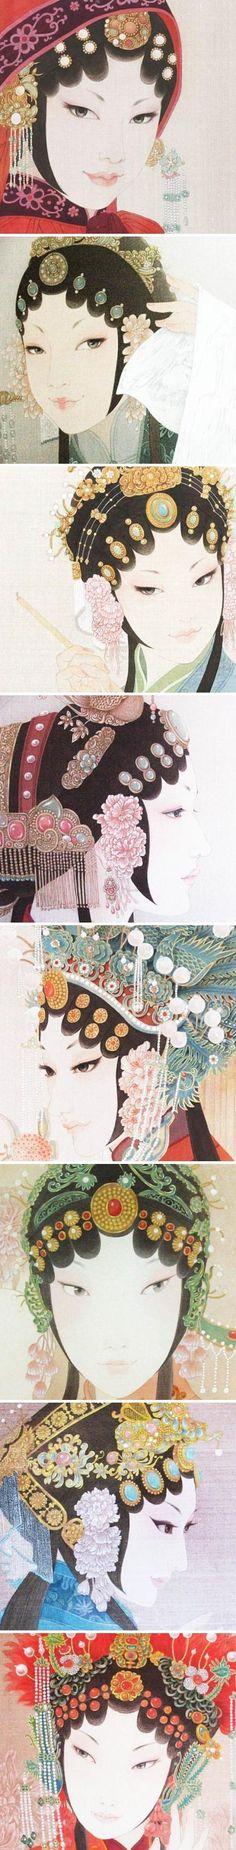 周雪京剧美...来自减墨如烟染霓裳的图片分享-堆糖